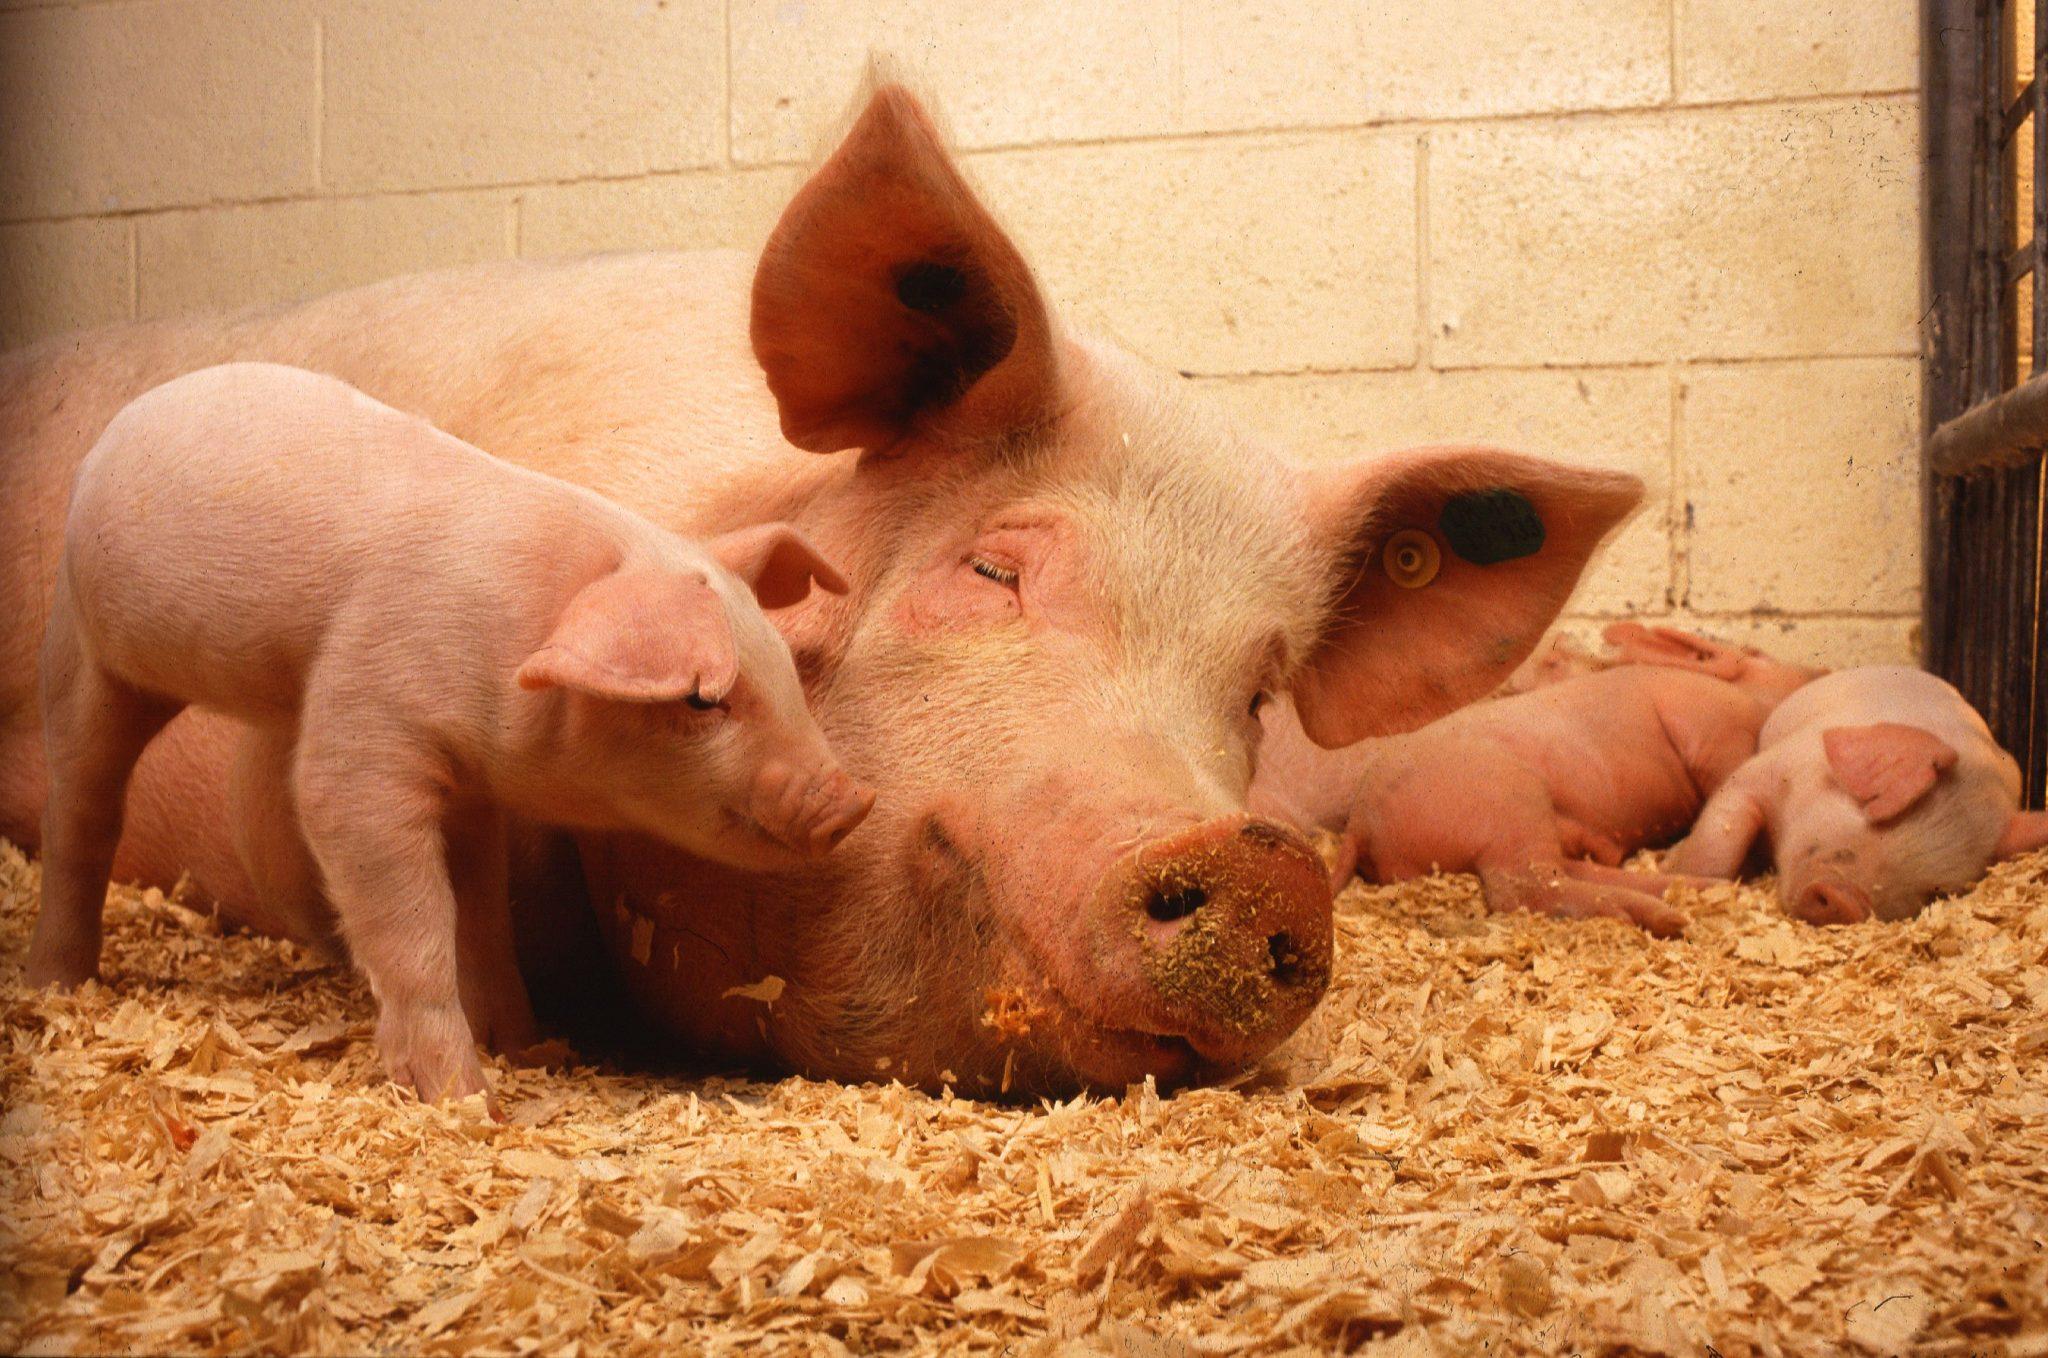 Еще несколько причин, по которым стоит избегать фальшивого мяса